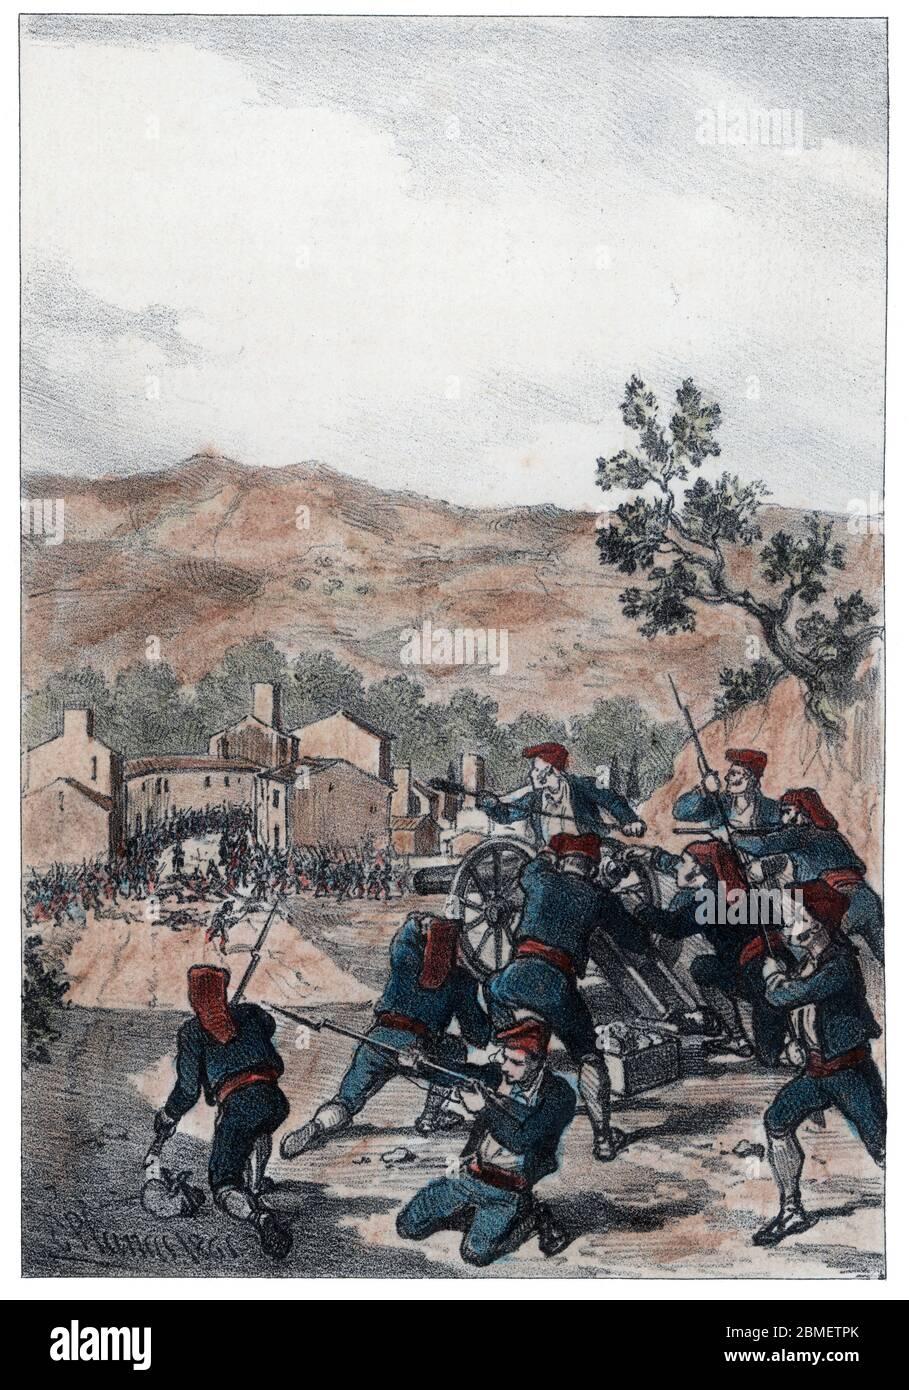 Guerra de la Independencia (1808-1814). Catalunya. Las tropas francesas derrotadas en el Bruc son hostigadas por los somatenes en Sant Feliu de Llobregat. Grabado de 1861. Author: Eusebi Planas Franquesa. Stock Photo